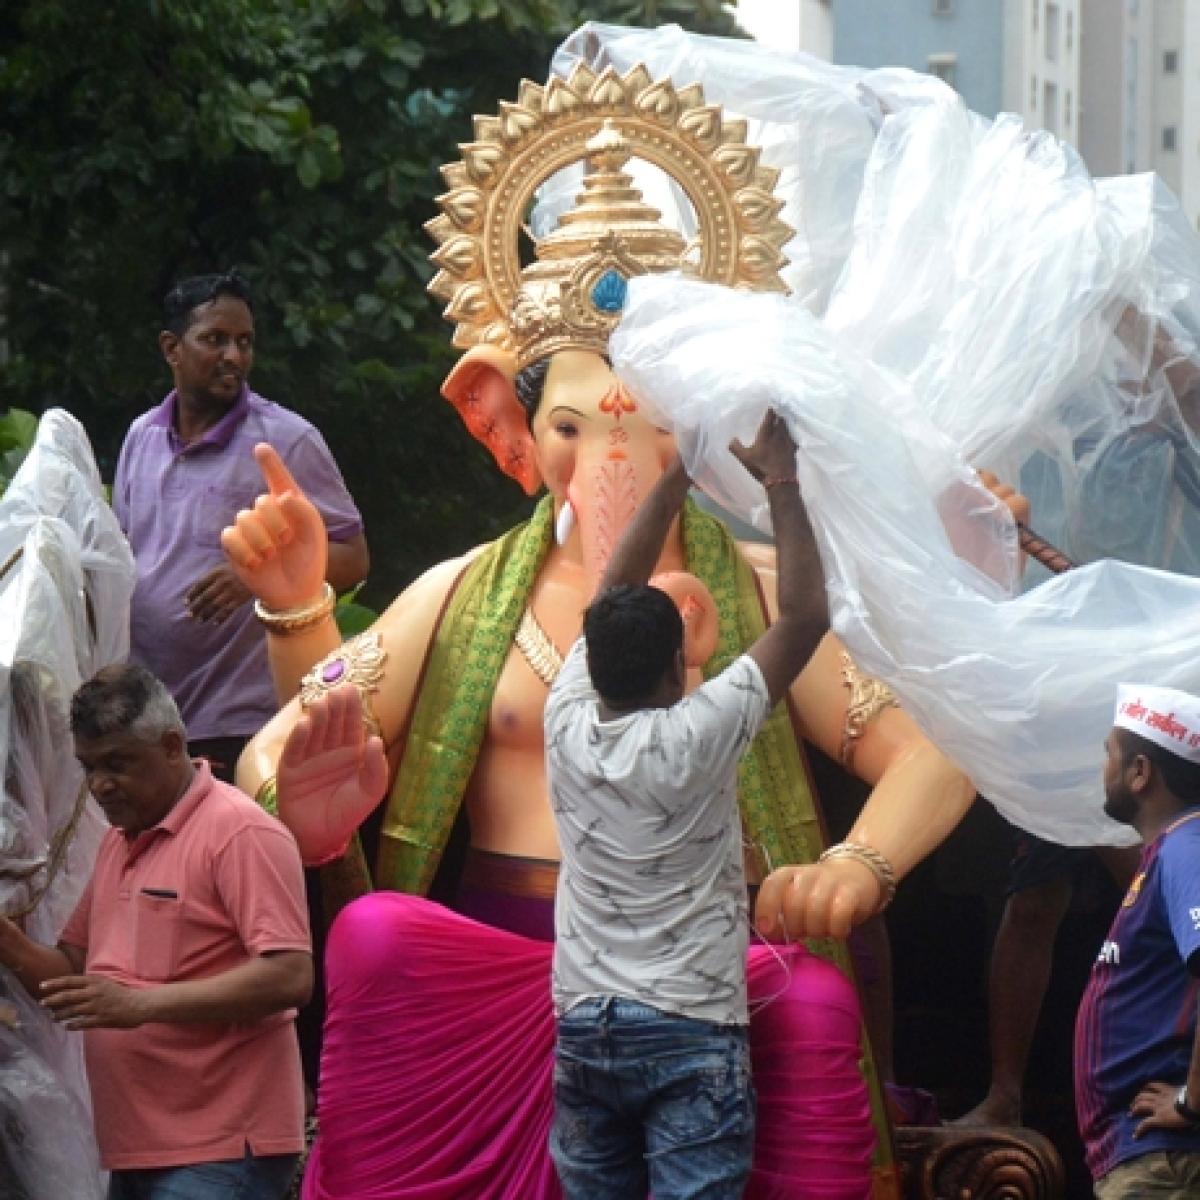 4 feet idol, pandal cleaning, visarjan: Rules for Ganeshotsav 2020 in Mumbai